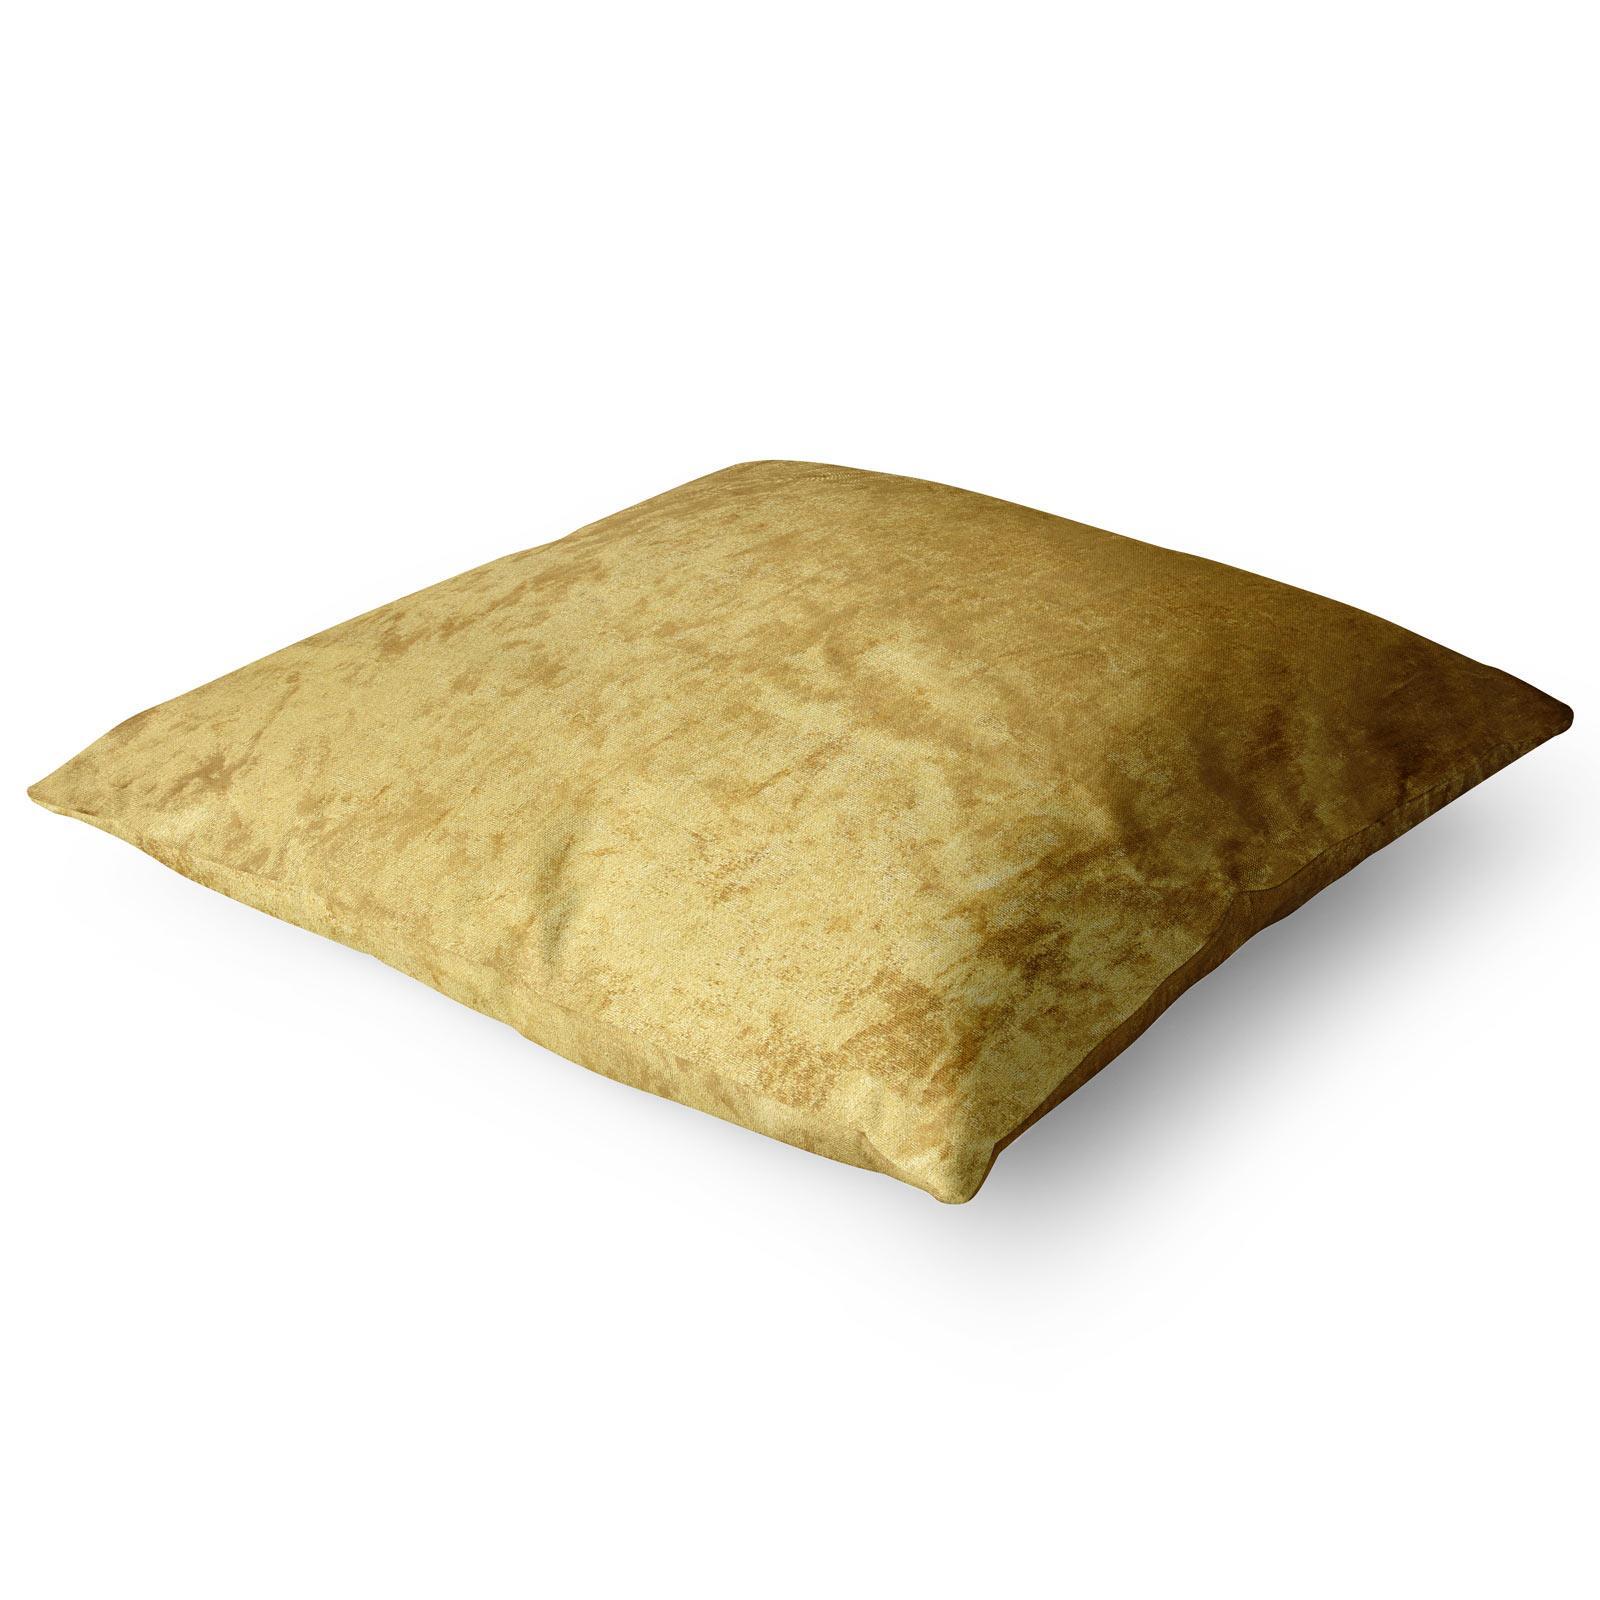 Cuscino-di-velluto-schiacciato-copre-GLAM-Tinta-Unita-Copricuscino-18-034-x-18-034-45cm-x-45cm miniatura 9